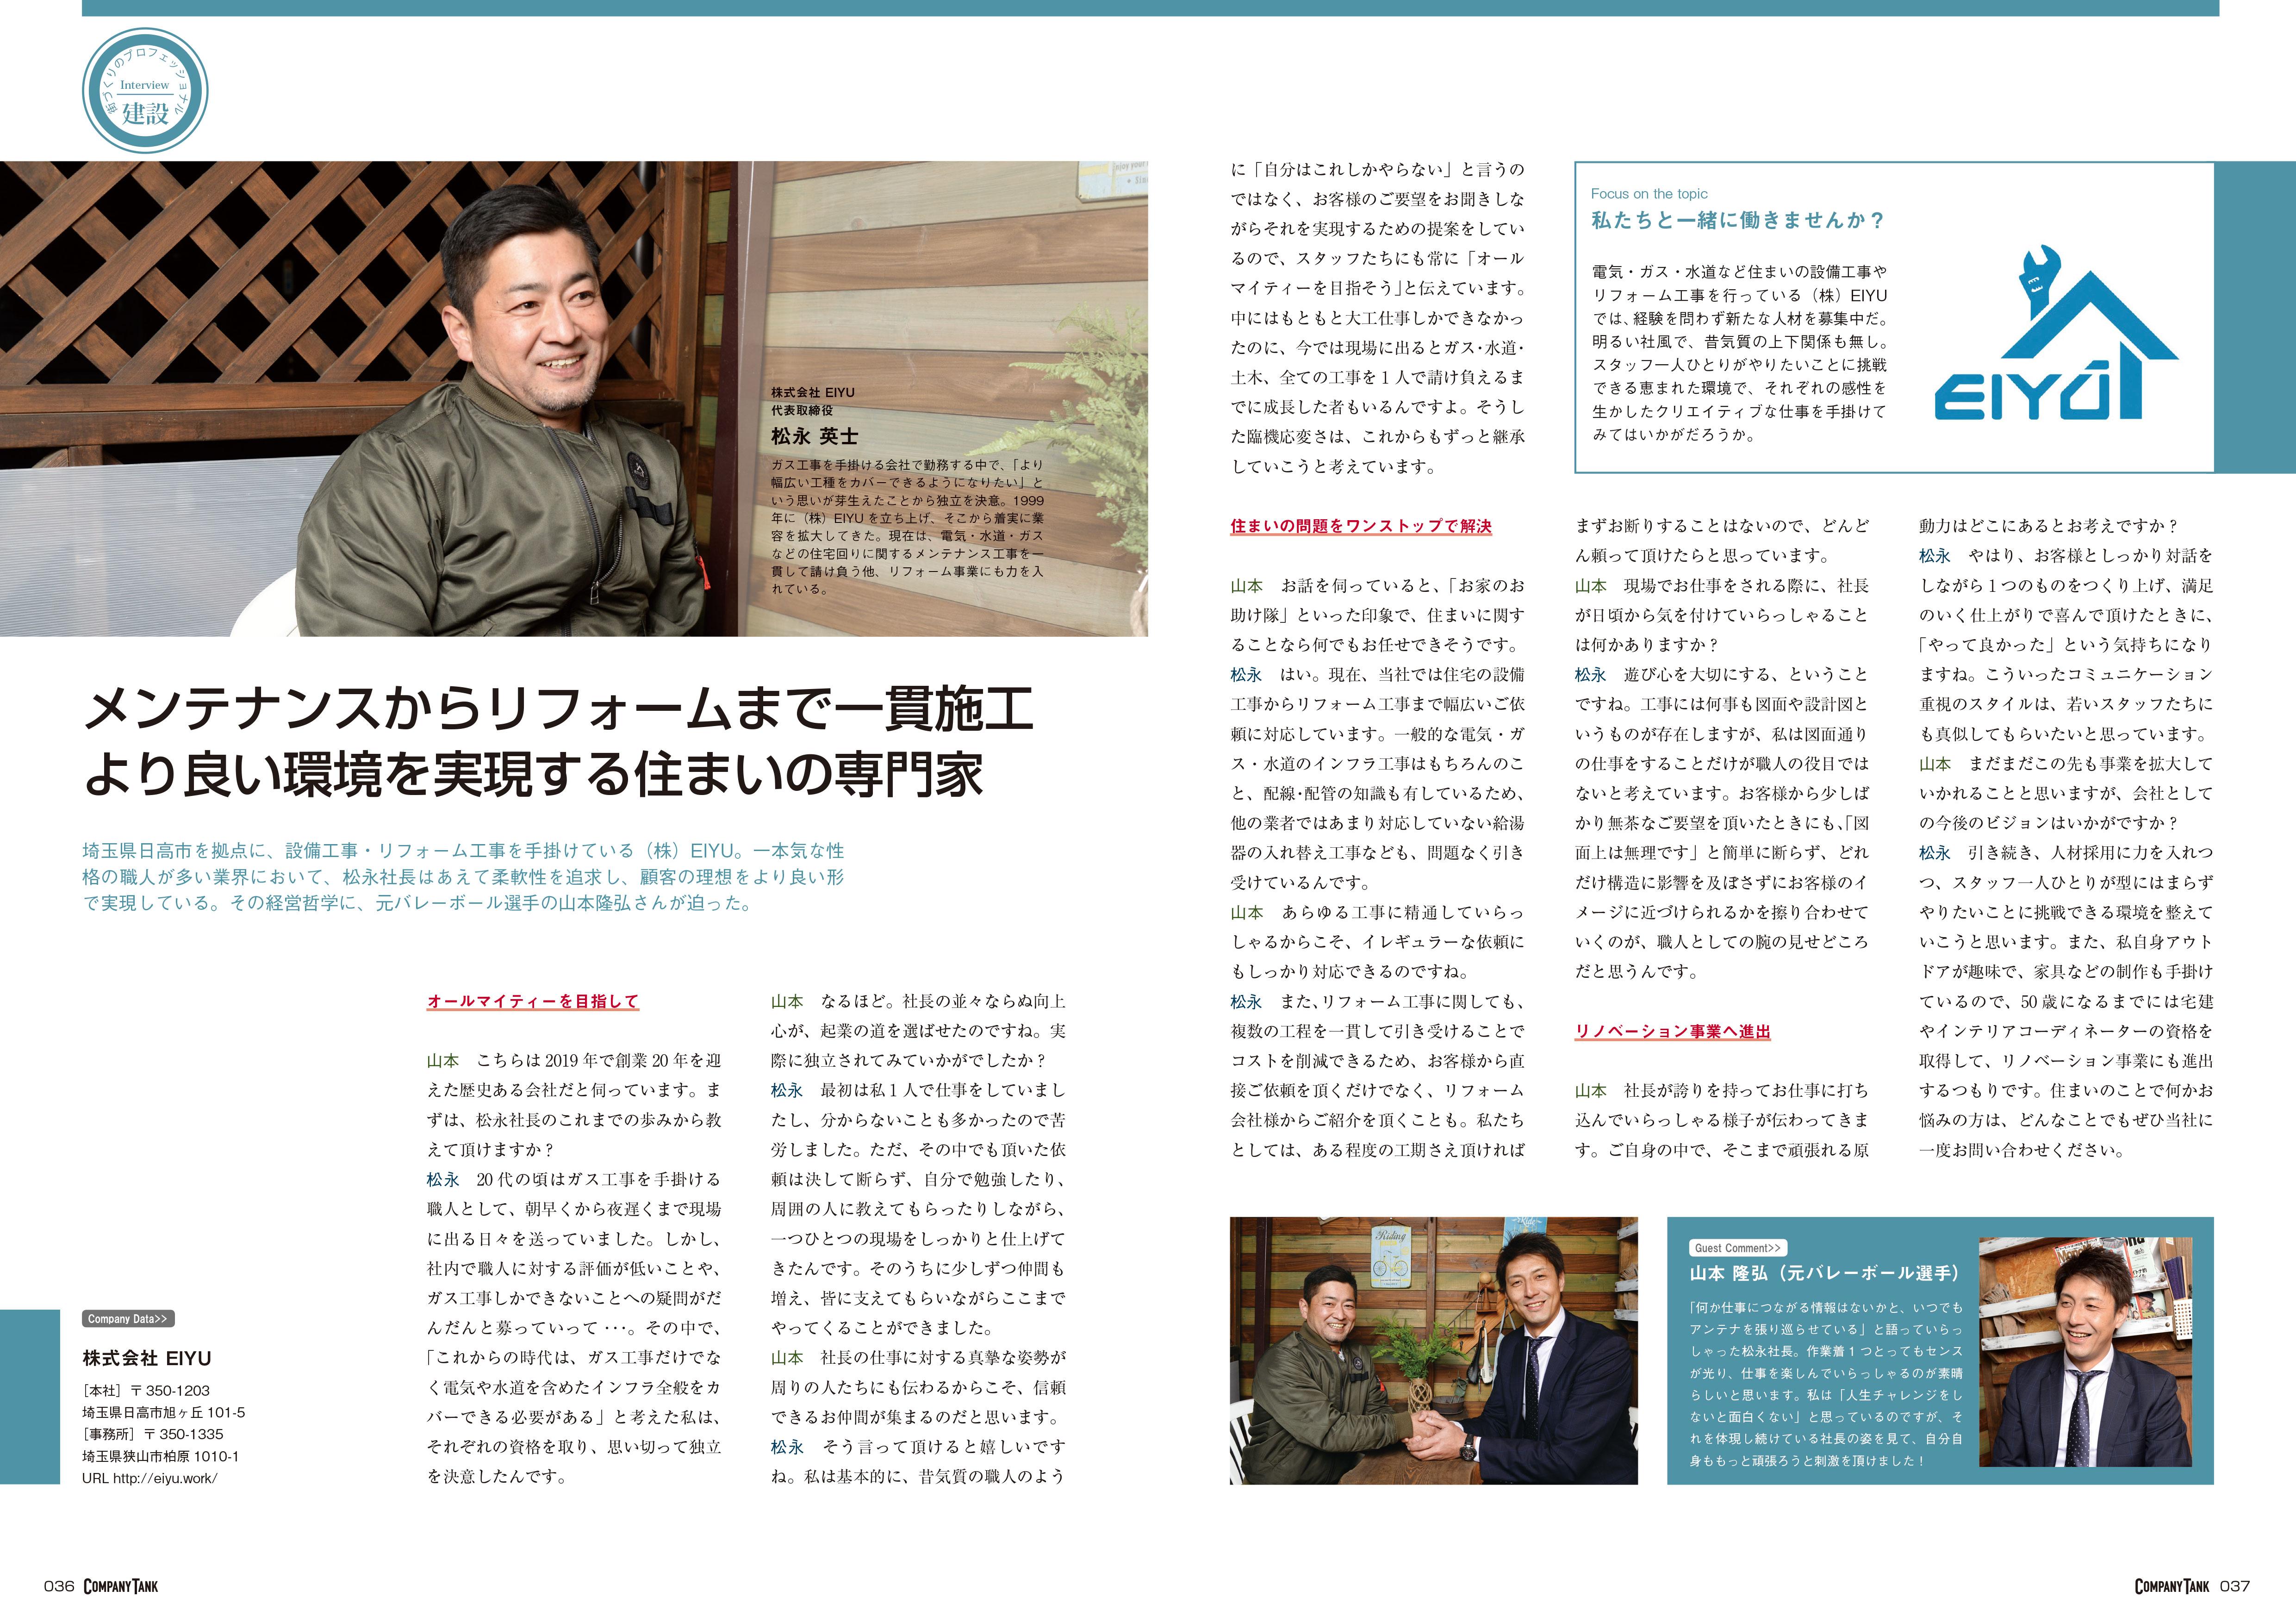 インタビューが雑誌に掲載されました!